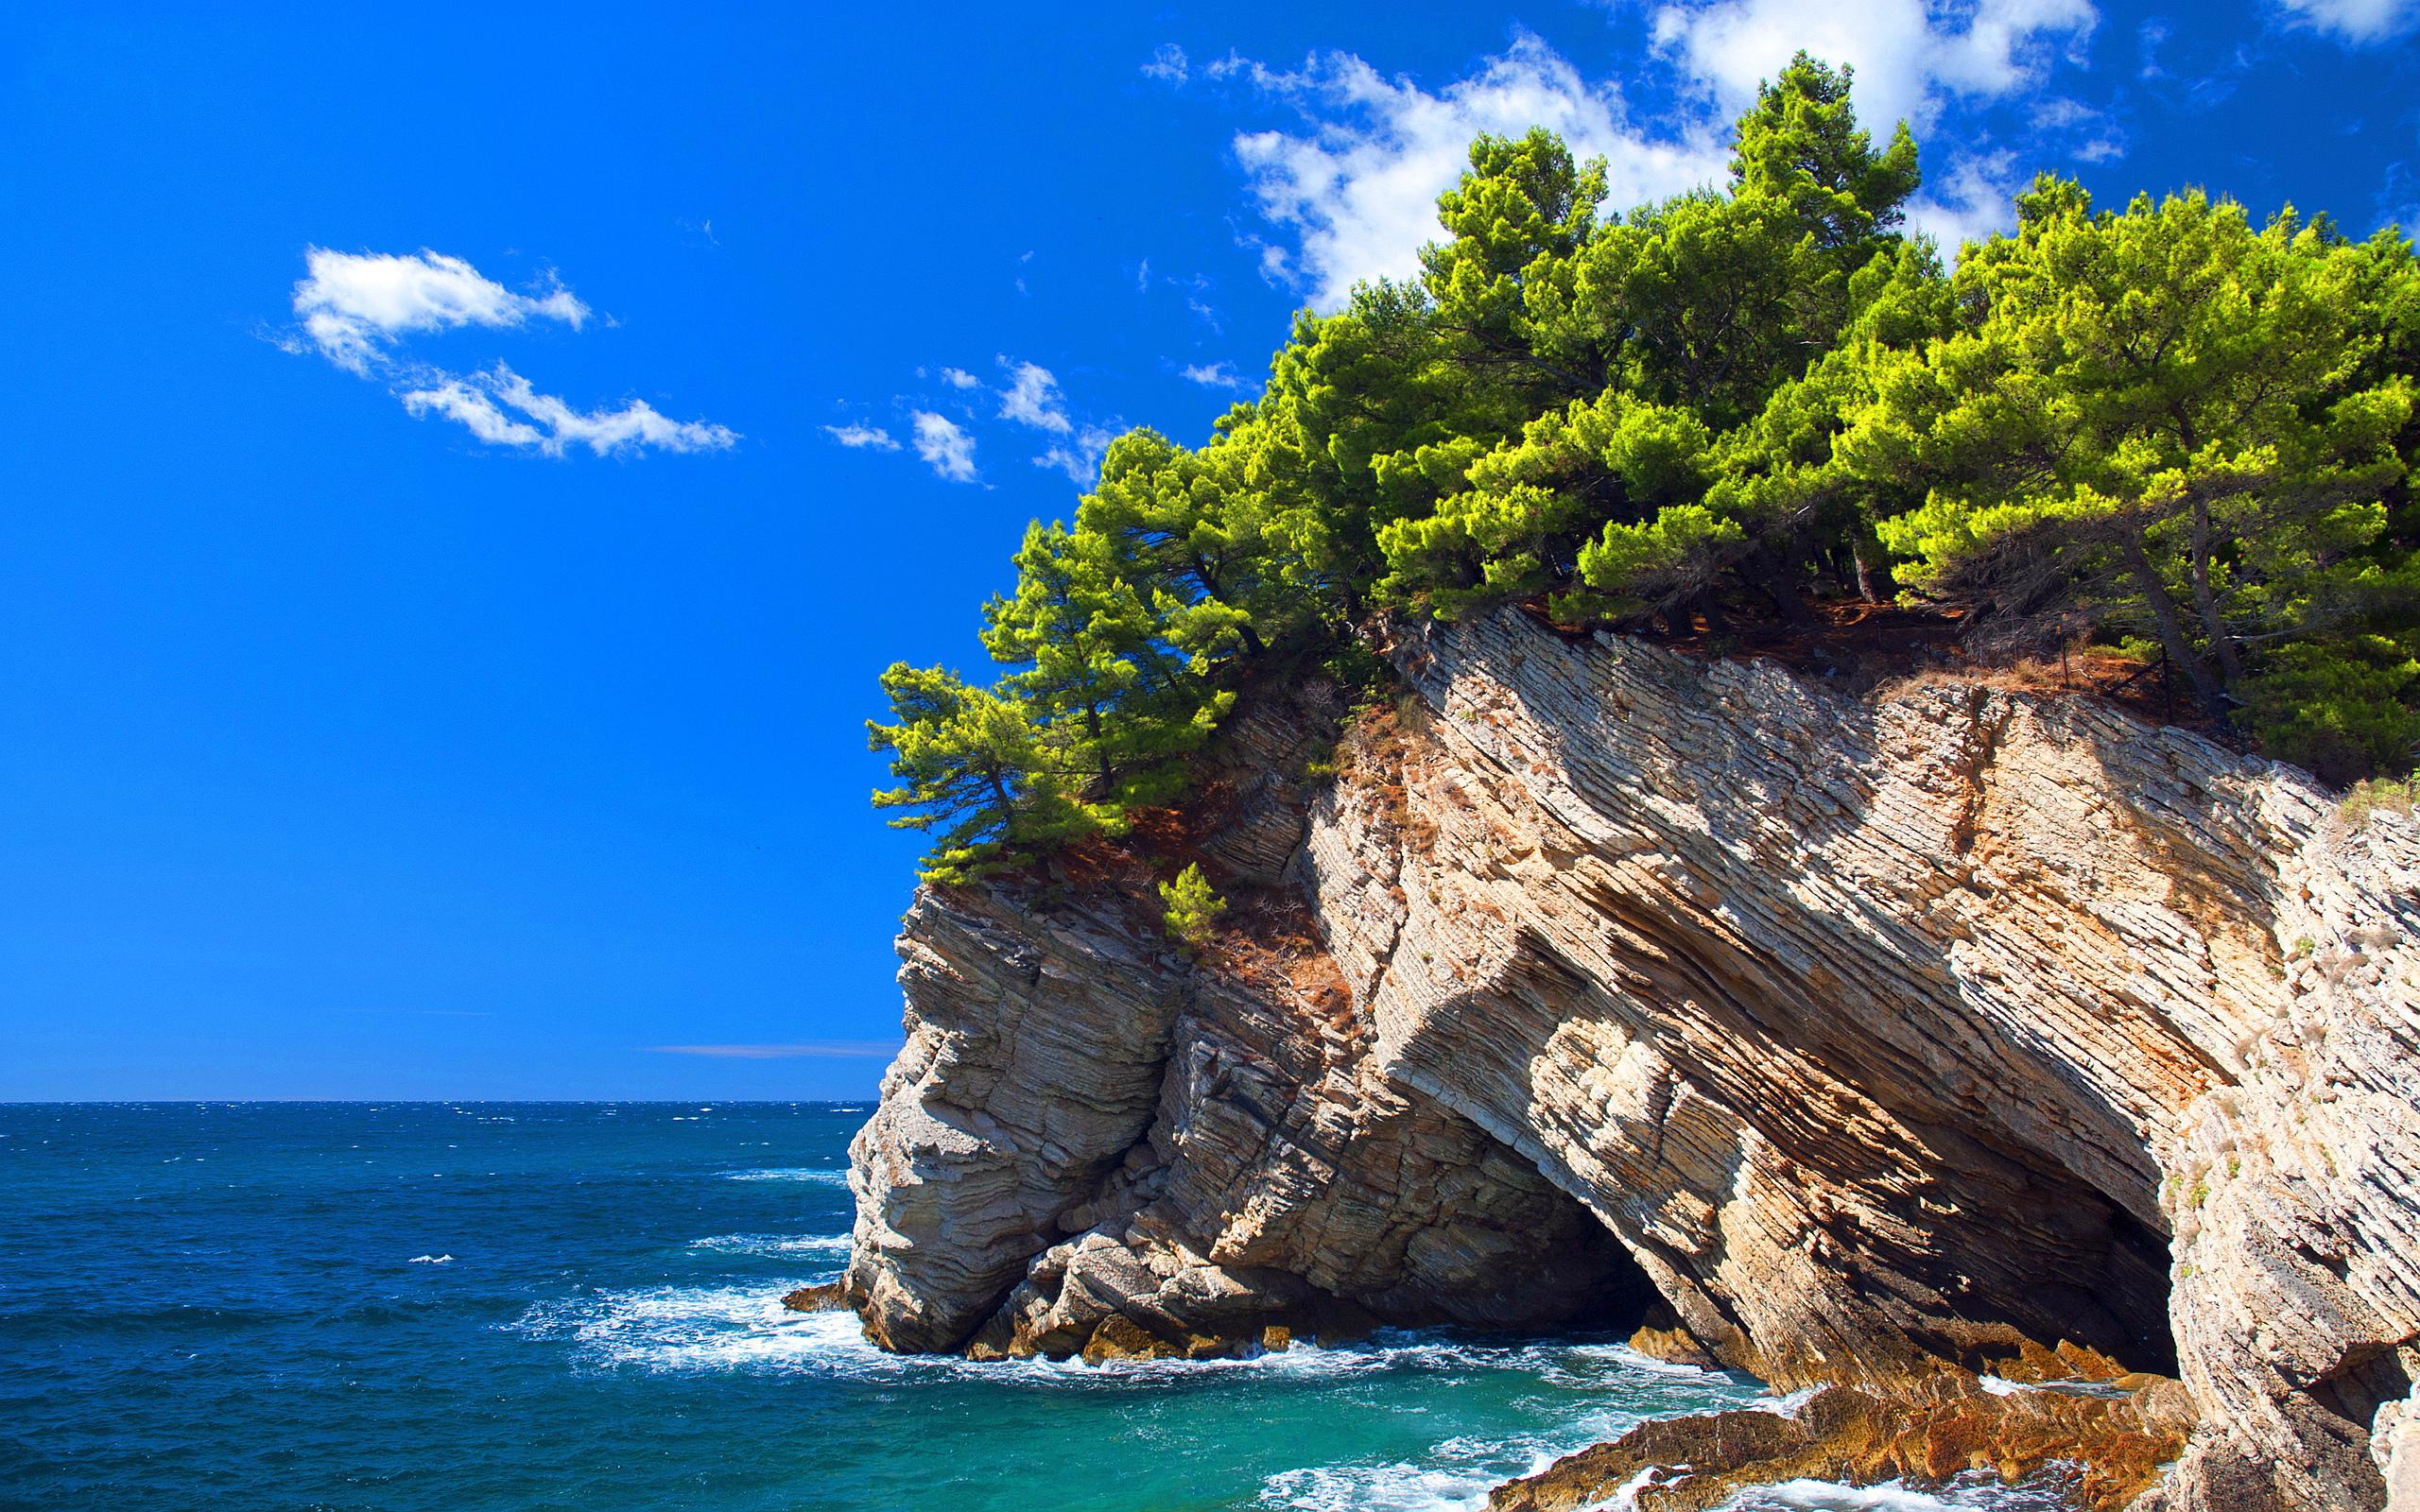 пейзаж, море, скалы